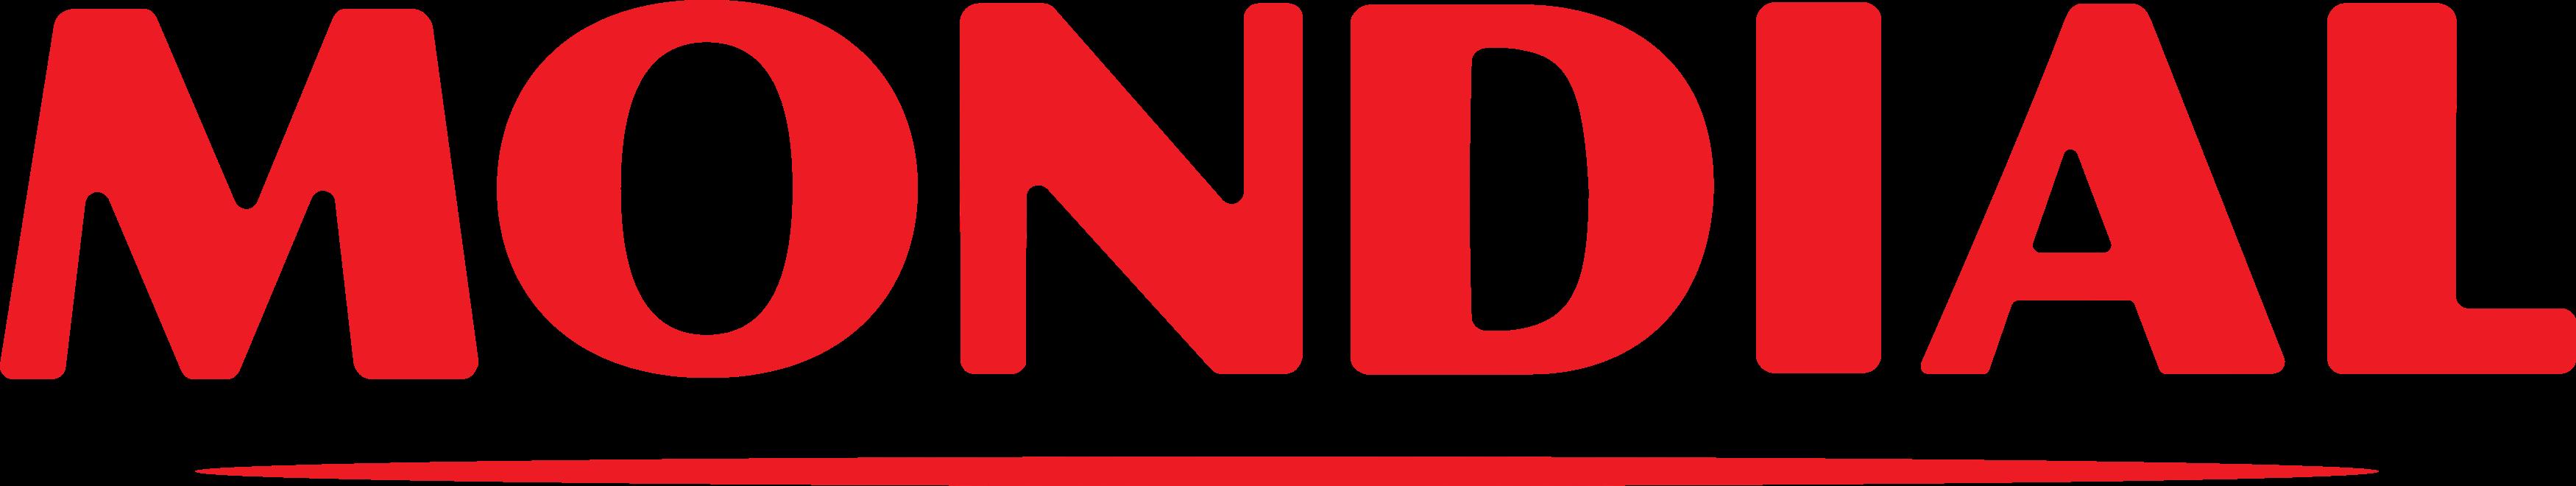 mondial logo.